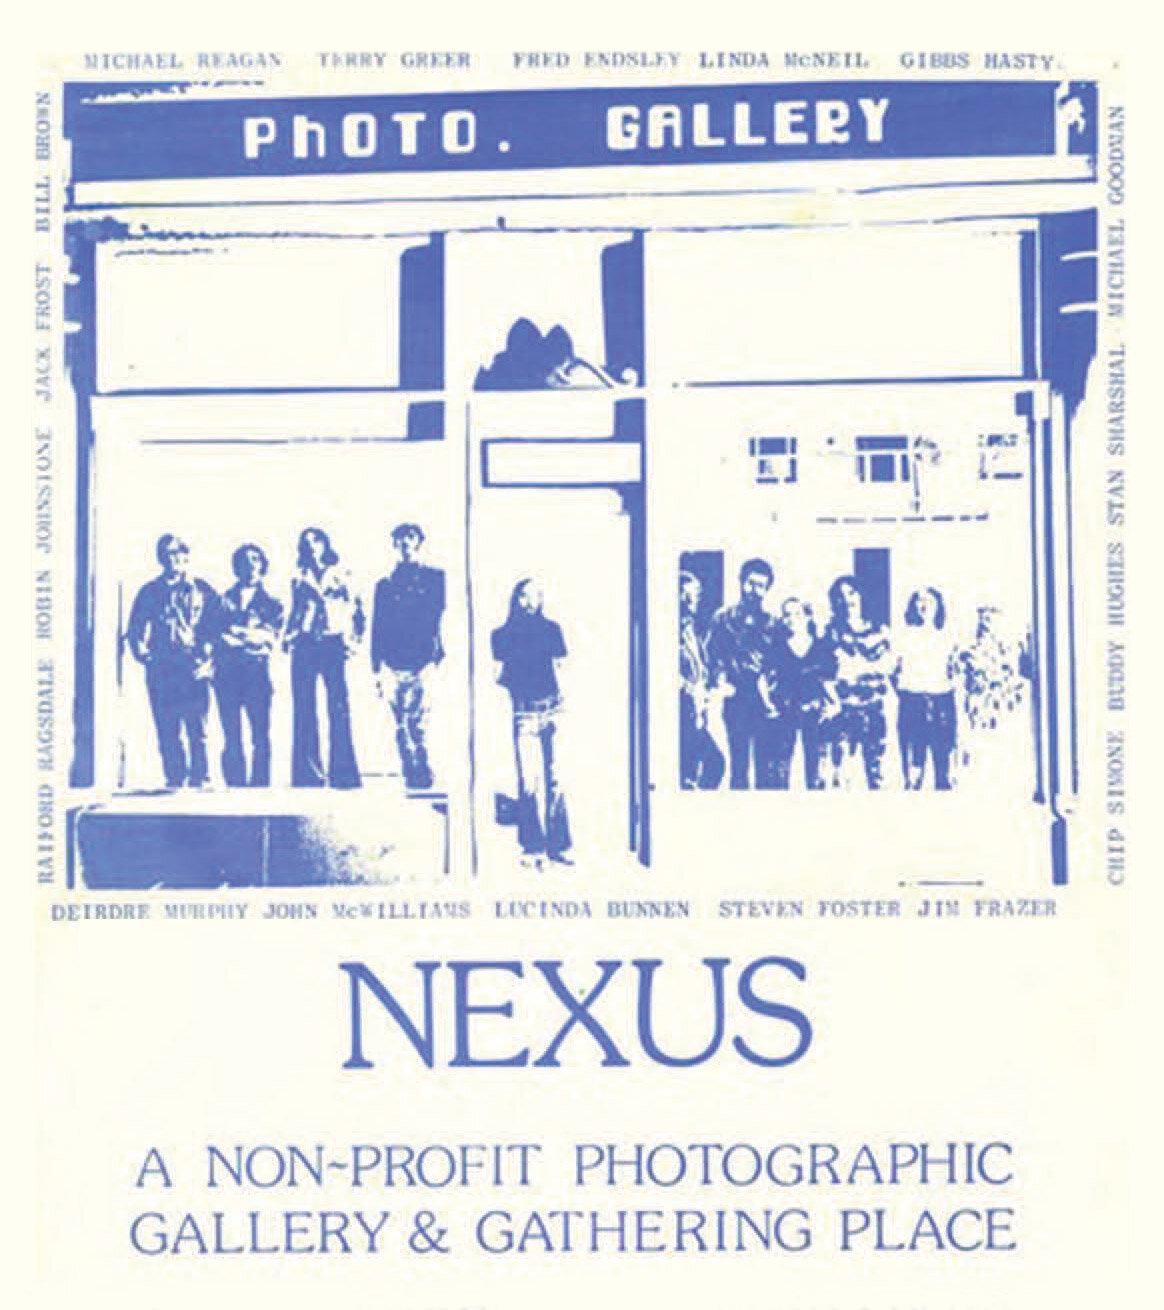 Photo for original poster by Jim Frazer